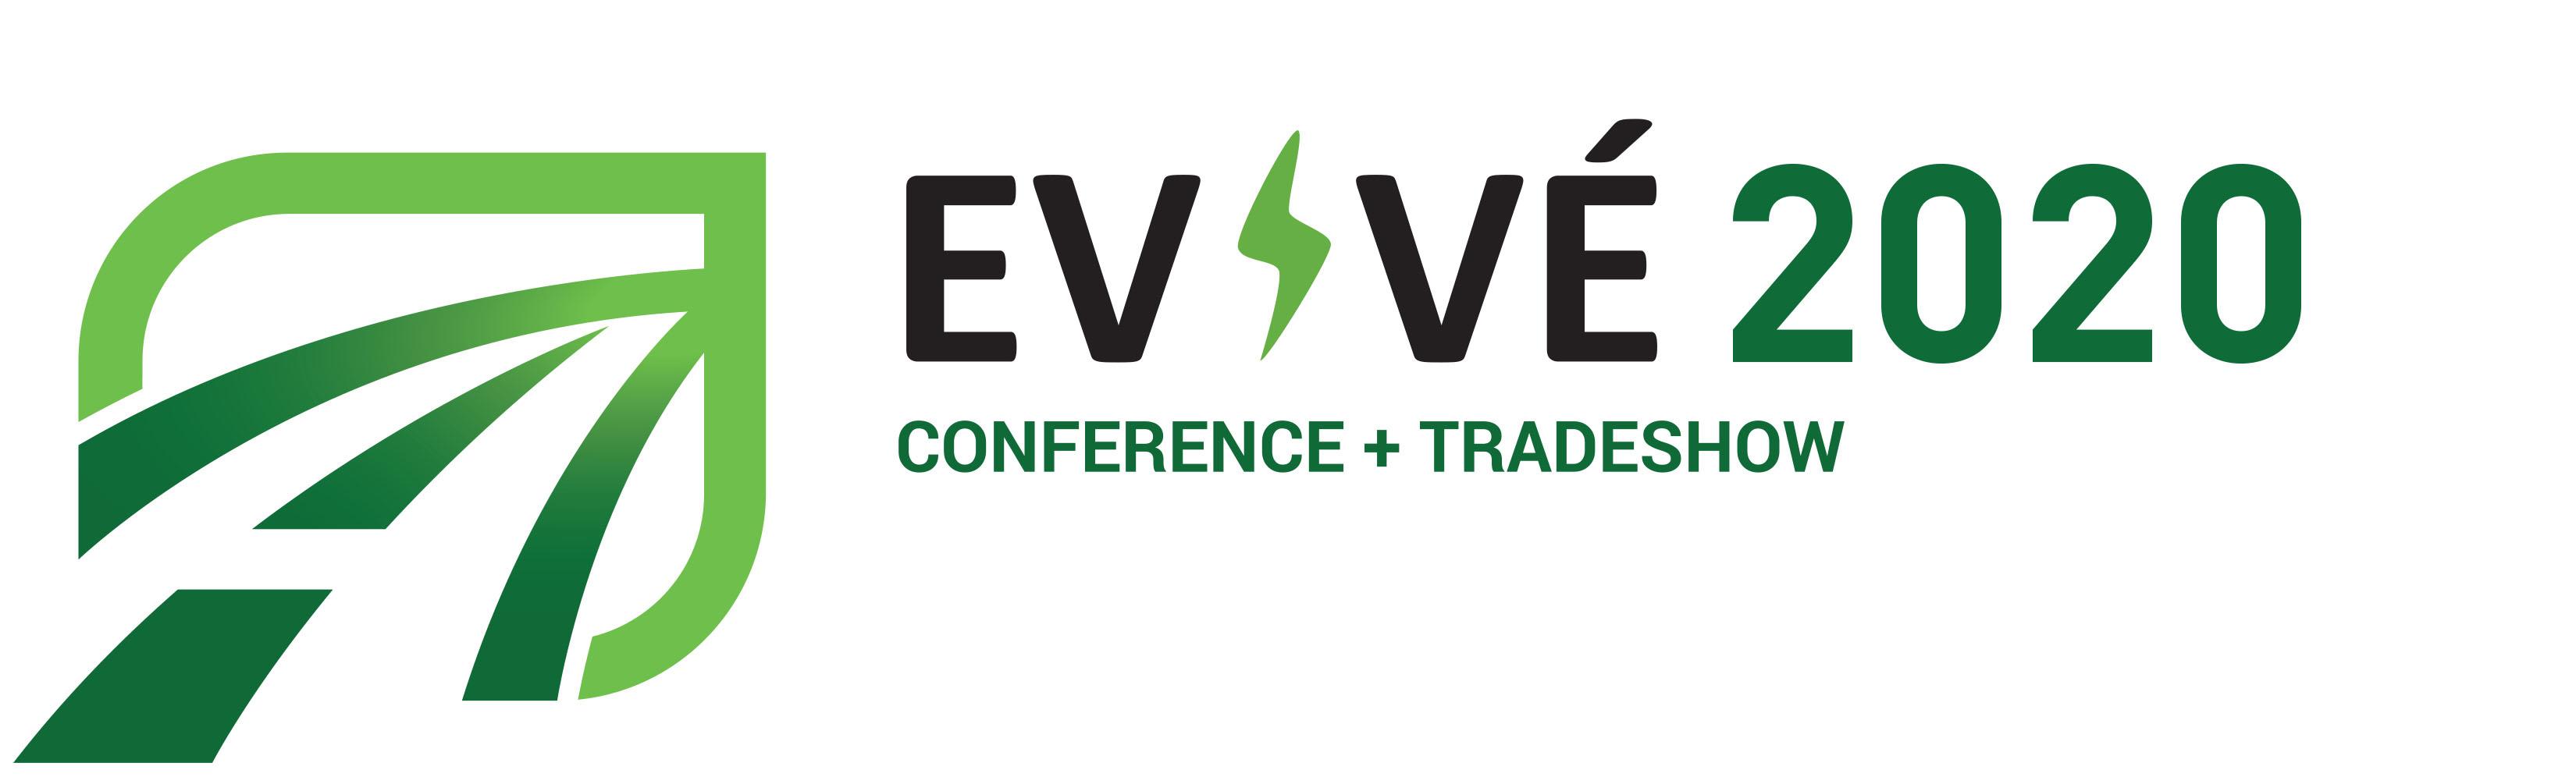 EV/VÉ 2020 Conference & Tradeshow